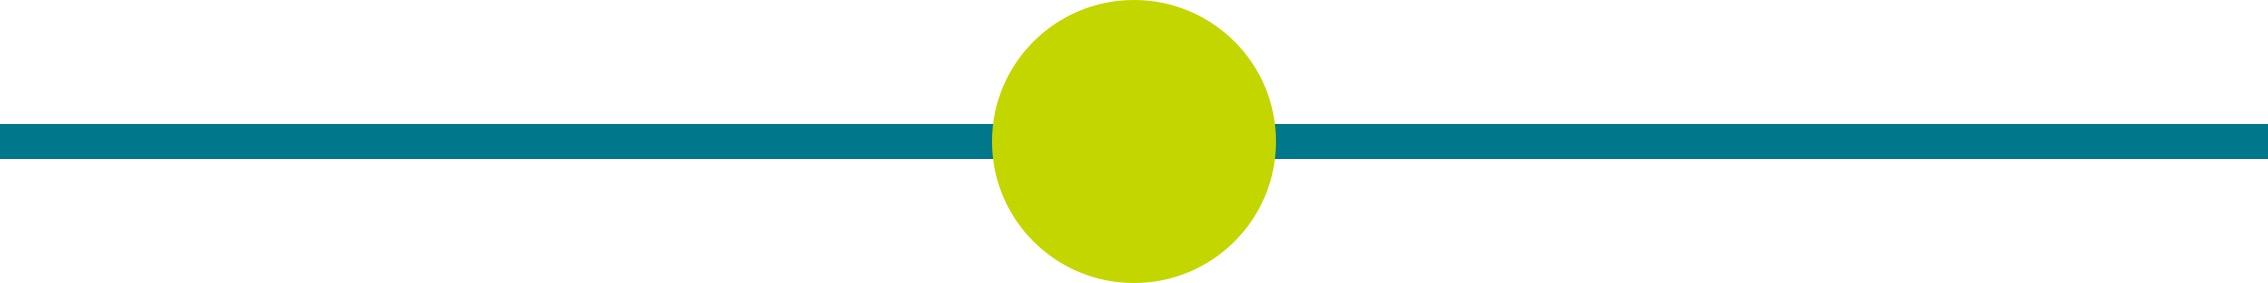 Punkt grün mit horizontalem Strich